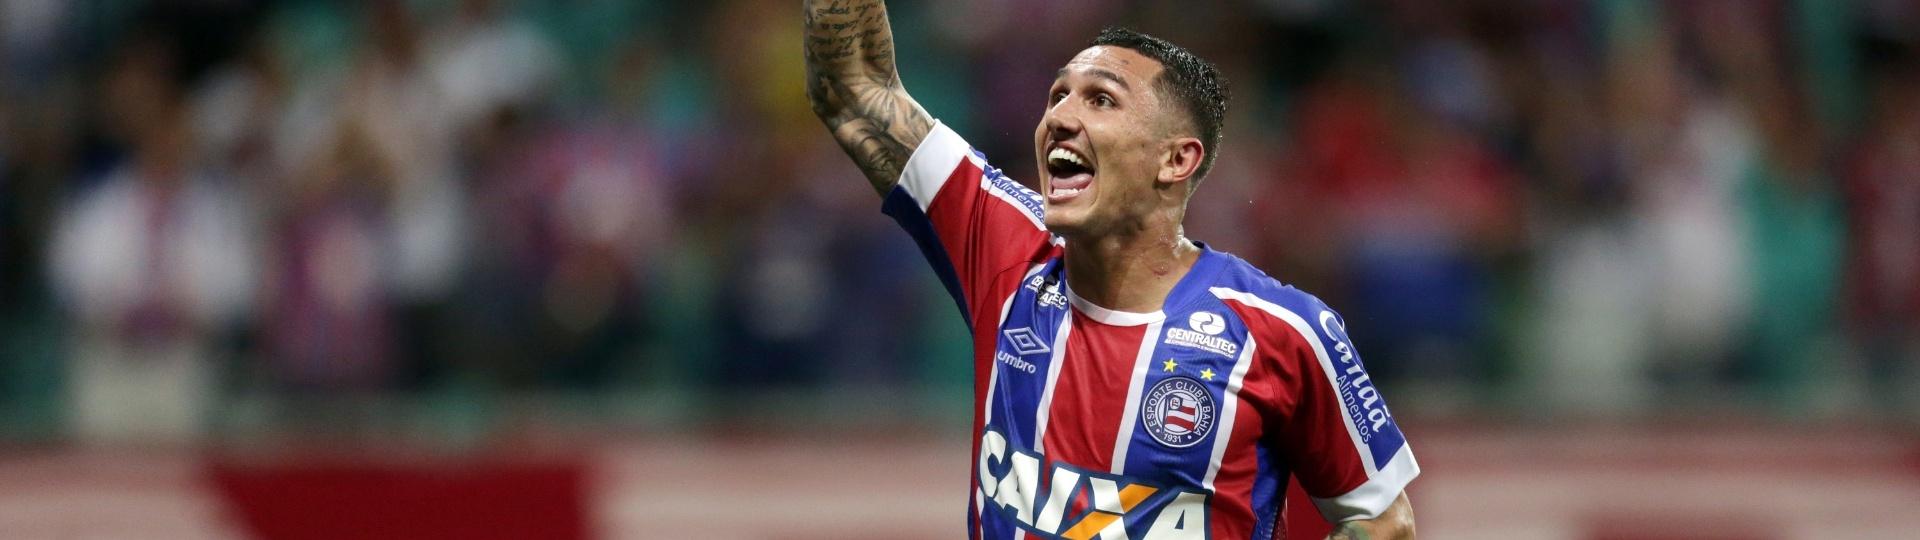 Vinícius comemora gol do Bahia diante do Atlético-GO